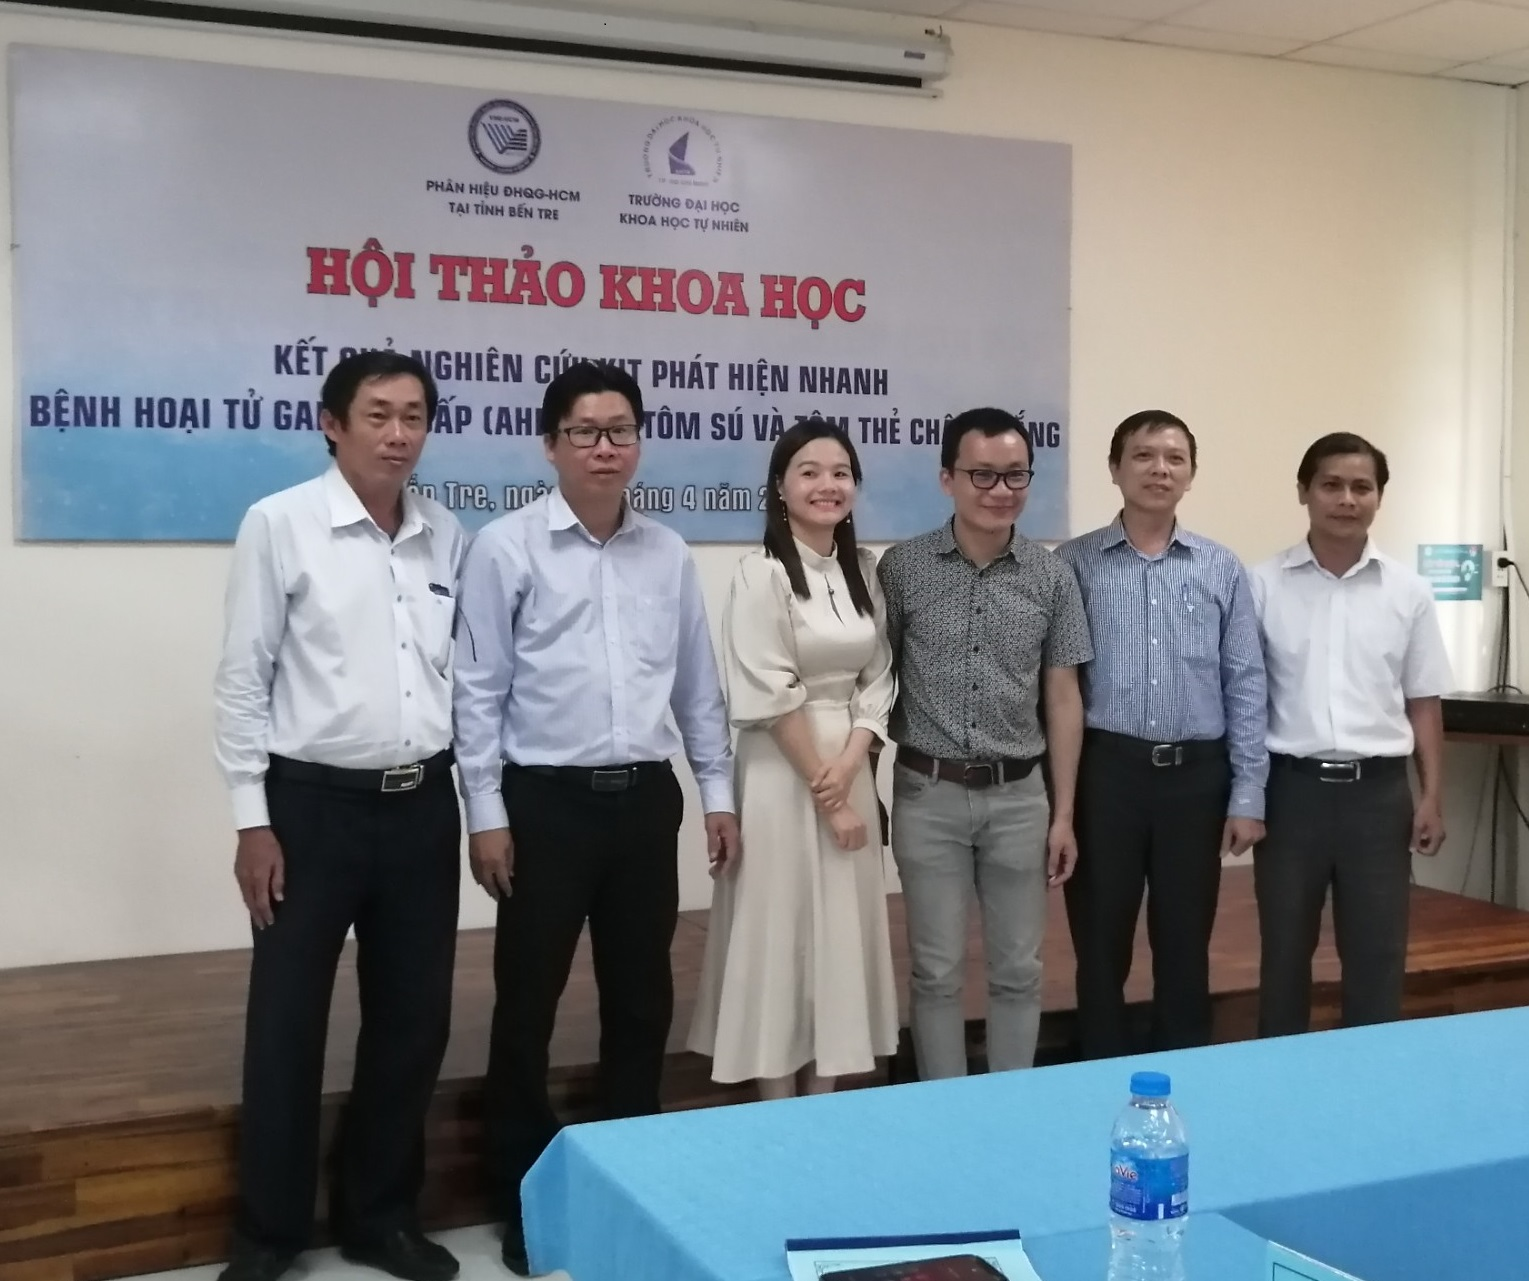 Phân hiệu Đại học Quốc gia Tp. Hồ Chí Minh tại Bến Tre  hội thảo khoa học công bố kết quả nghiên cứu KIT phát hiện nhanh bệnh hoại tử gan tụy cấp (AHPND) ở tôm sú và tôm thẻ chân trắng